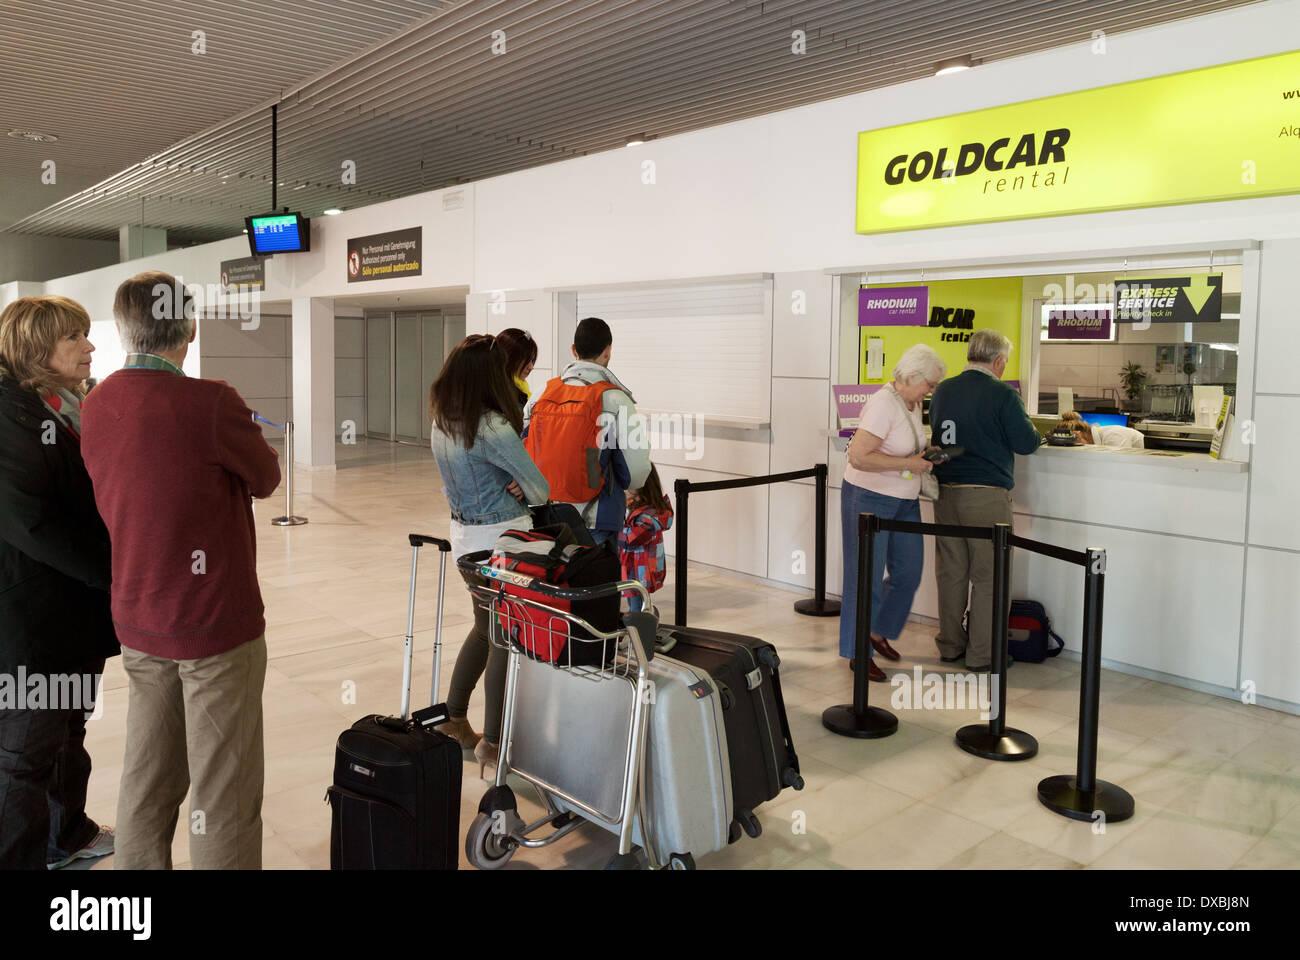 Saginaw Mbs Airport Rental Car